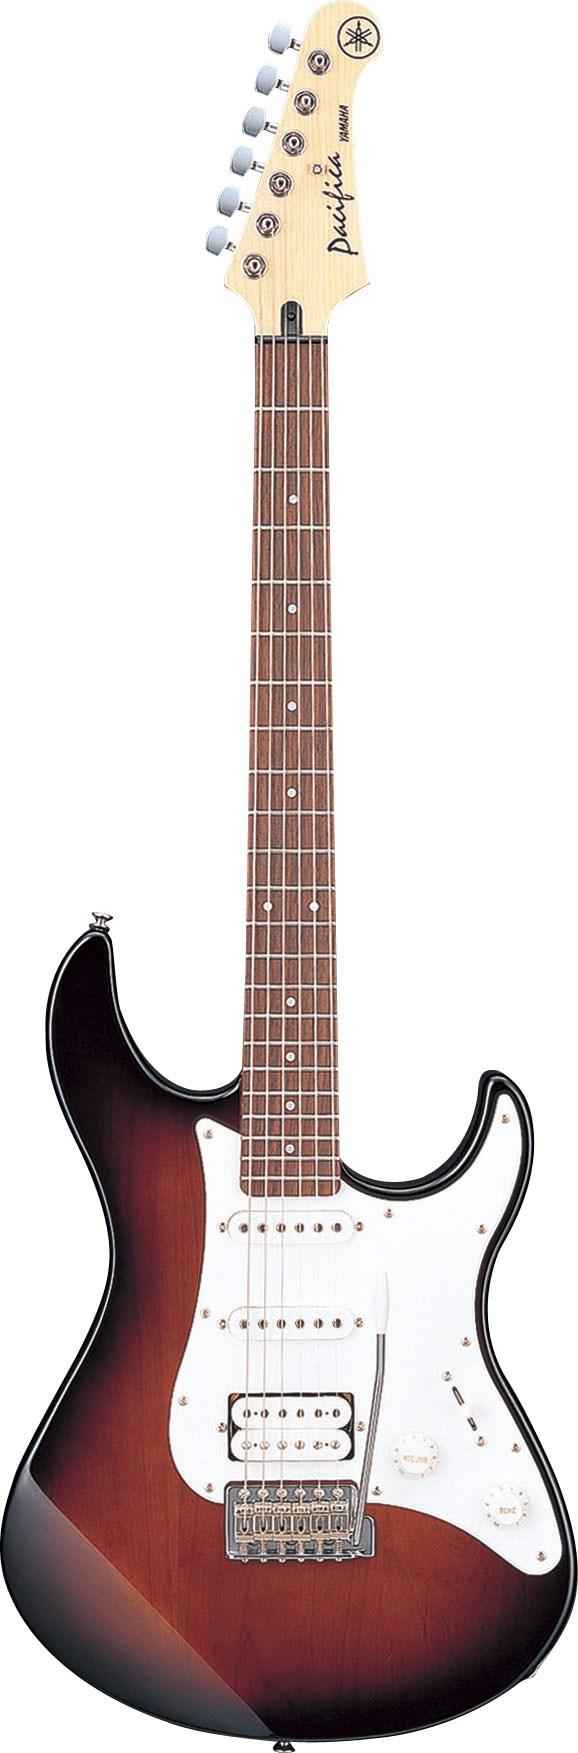 Electric guitar PACIFICA112J màu đỏ tối